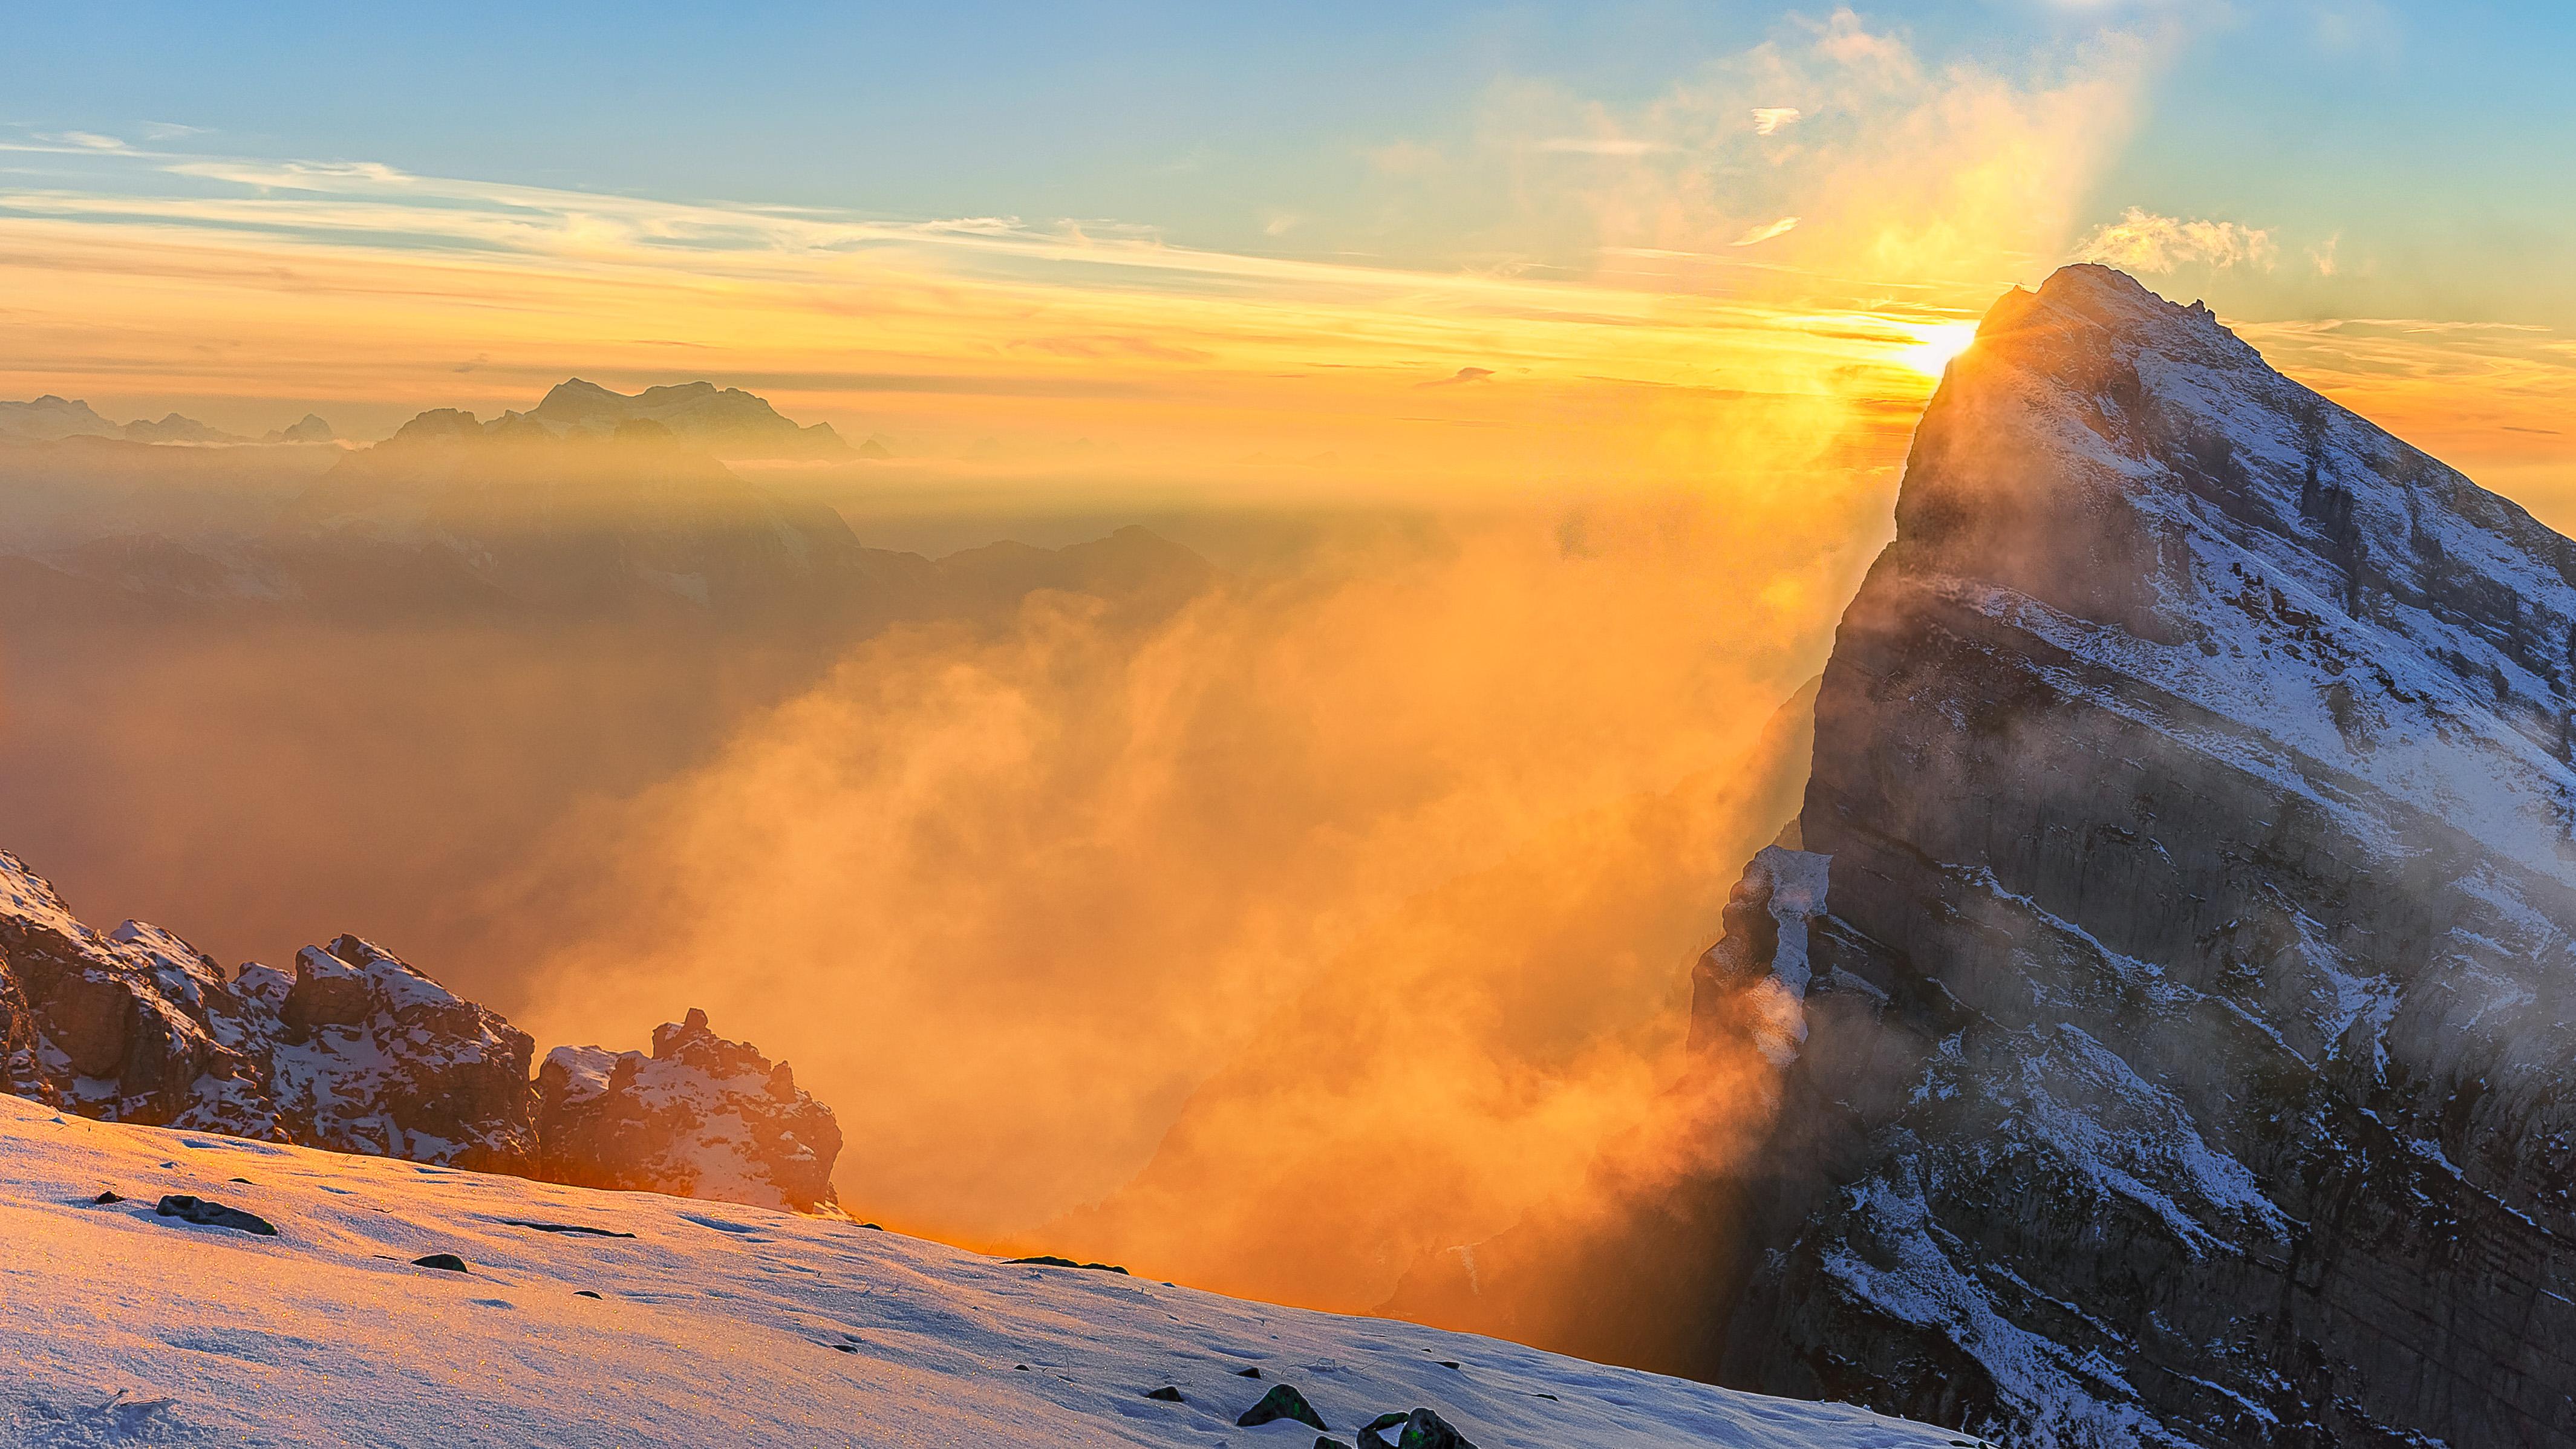 92800 papel de parede 1080x2400 em seu telefone gratuitamente, baixe imagens Natureza, Montanhas, Sol, As Rochas, Rochas, Névoa, Nevoeiro 1080x2400 em seu celular